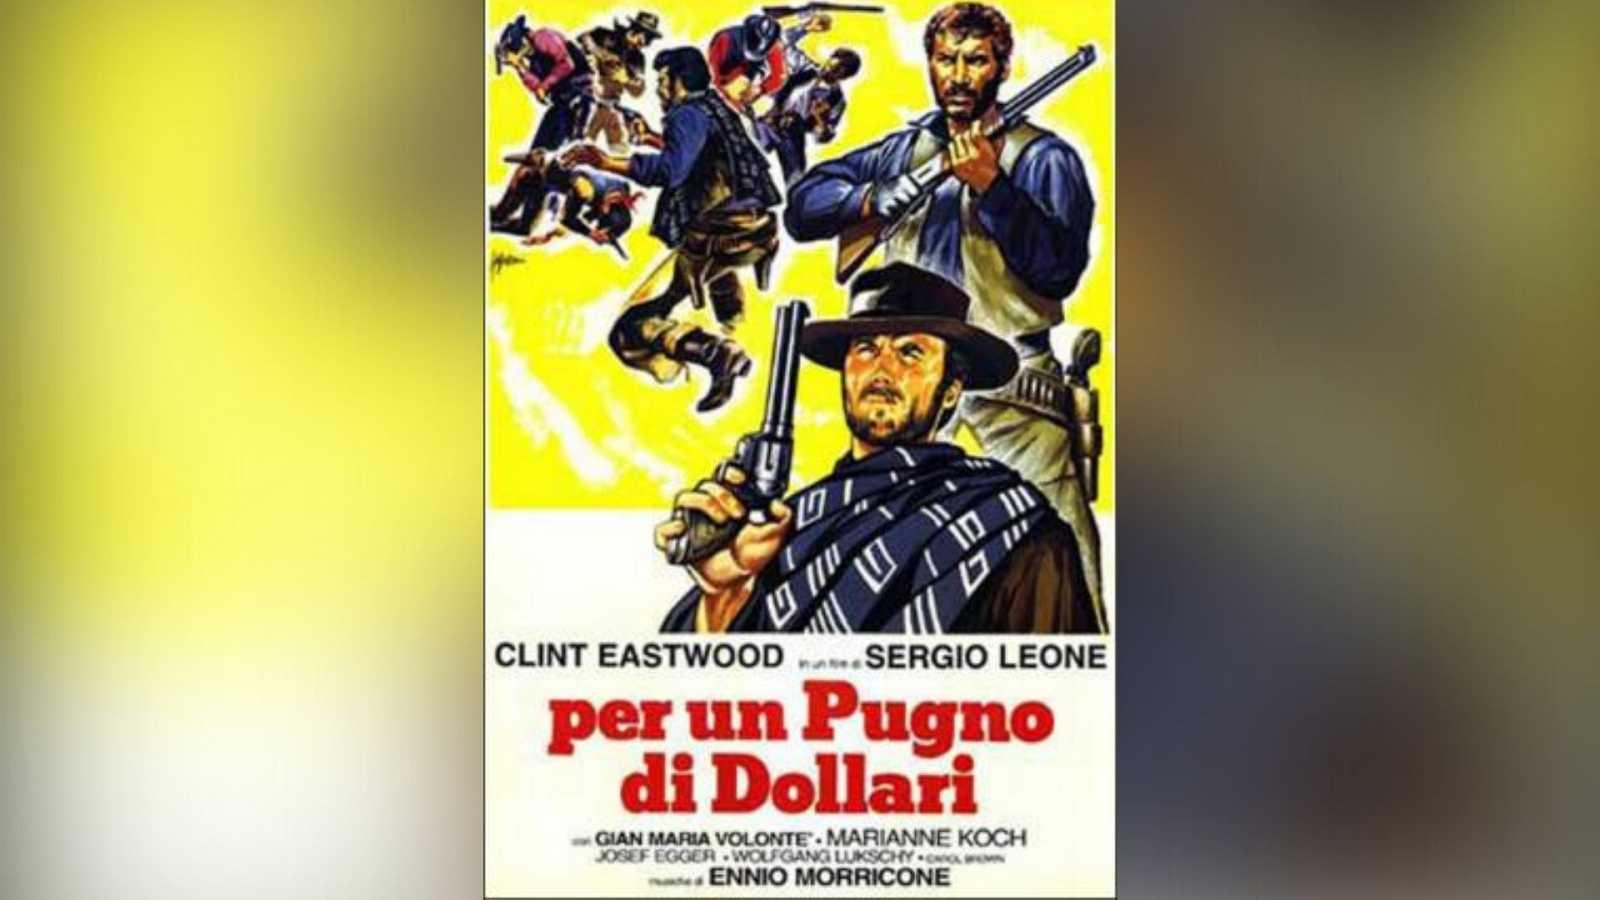 Vamos al cine - Sergio Leone y Ennio Morricone: más que una trilogía - 04/04/19 - escuchar ahora